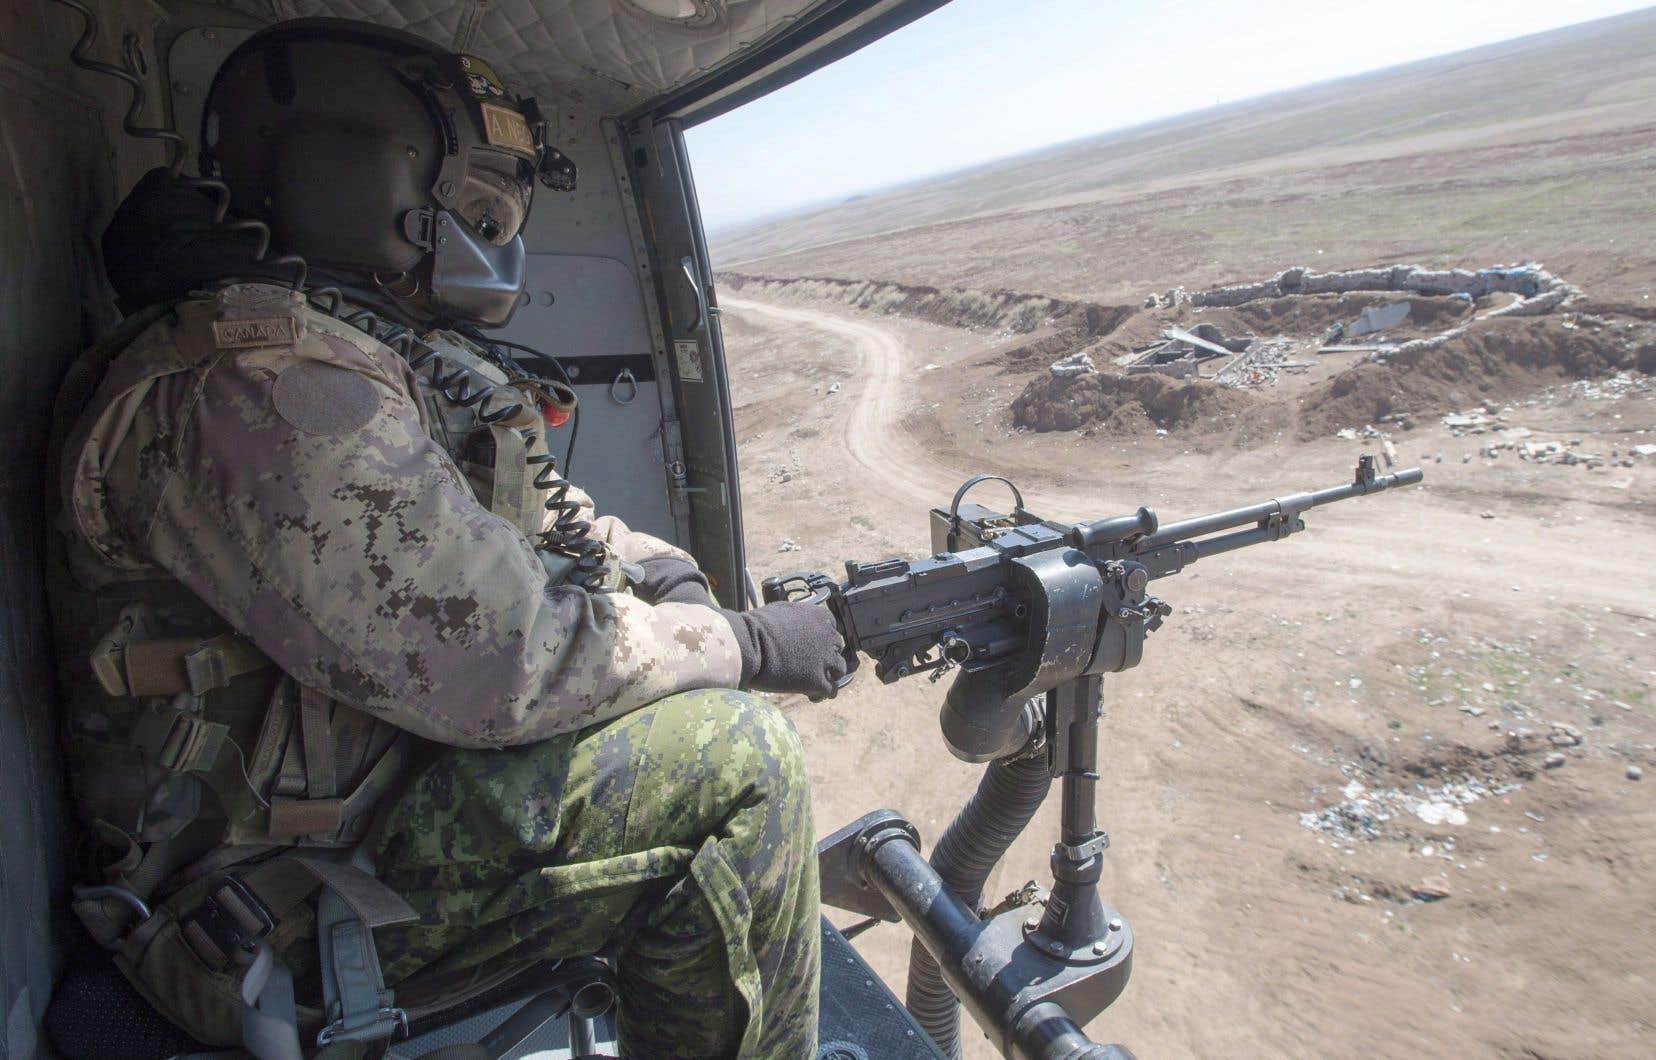 Un mitrailleur canadien, photographié en février 2017, participait à une mission de surveillance dans le nord de l'Irak à bord d'un hélicoptère Griffon.